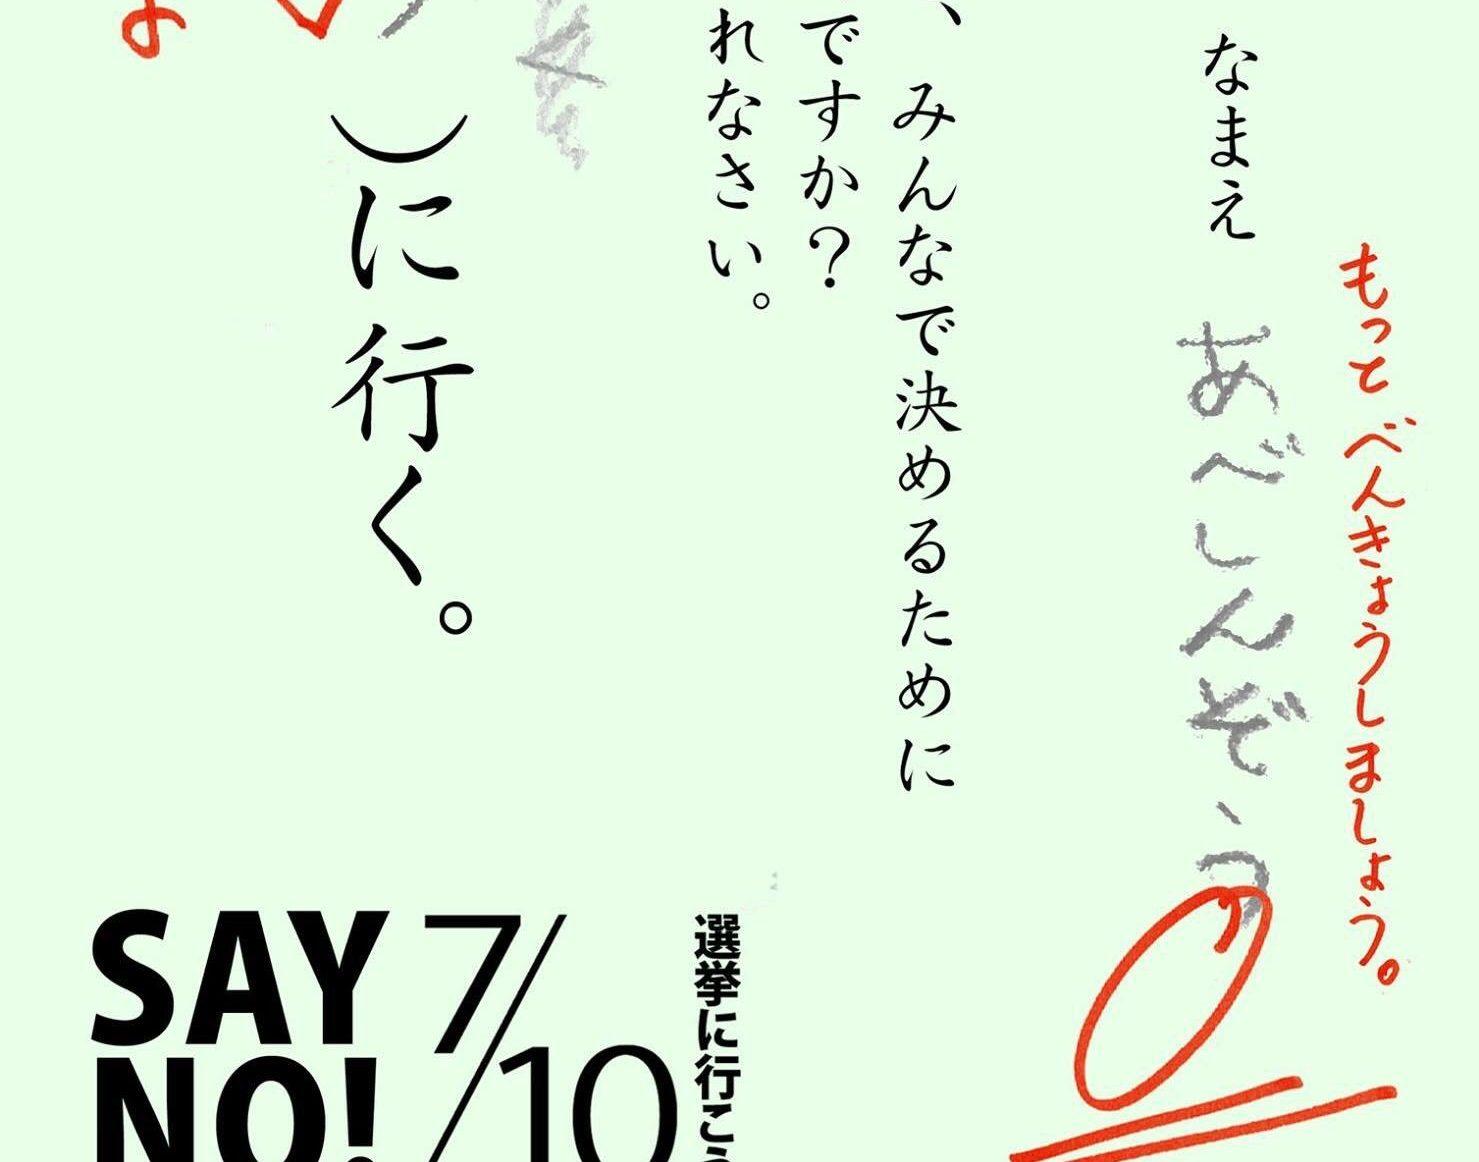 【どう思う?】小学校5年生「あべしんぞう」君のポスターがネット上で波紋!「日本のみらいを決めるためにせん(そう)に行く」